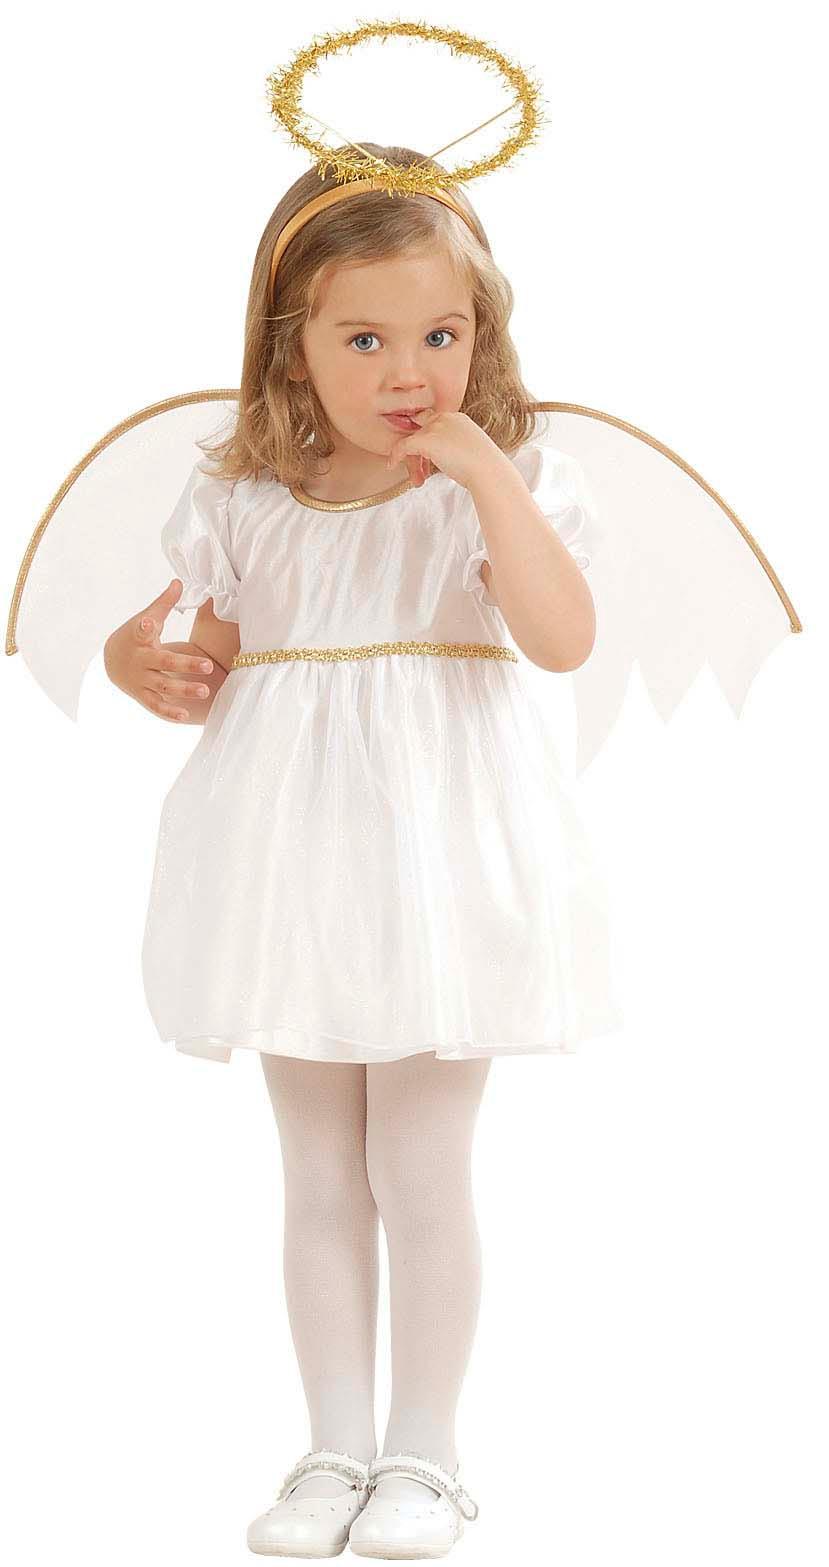 lil angel costume letter a costumes mega fancy dress. Black Bedroom Furniture Sets. Home Design Ideas